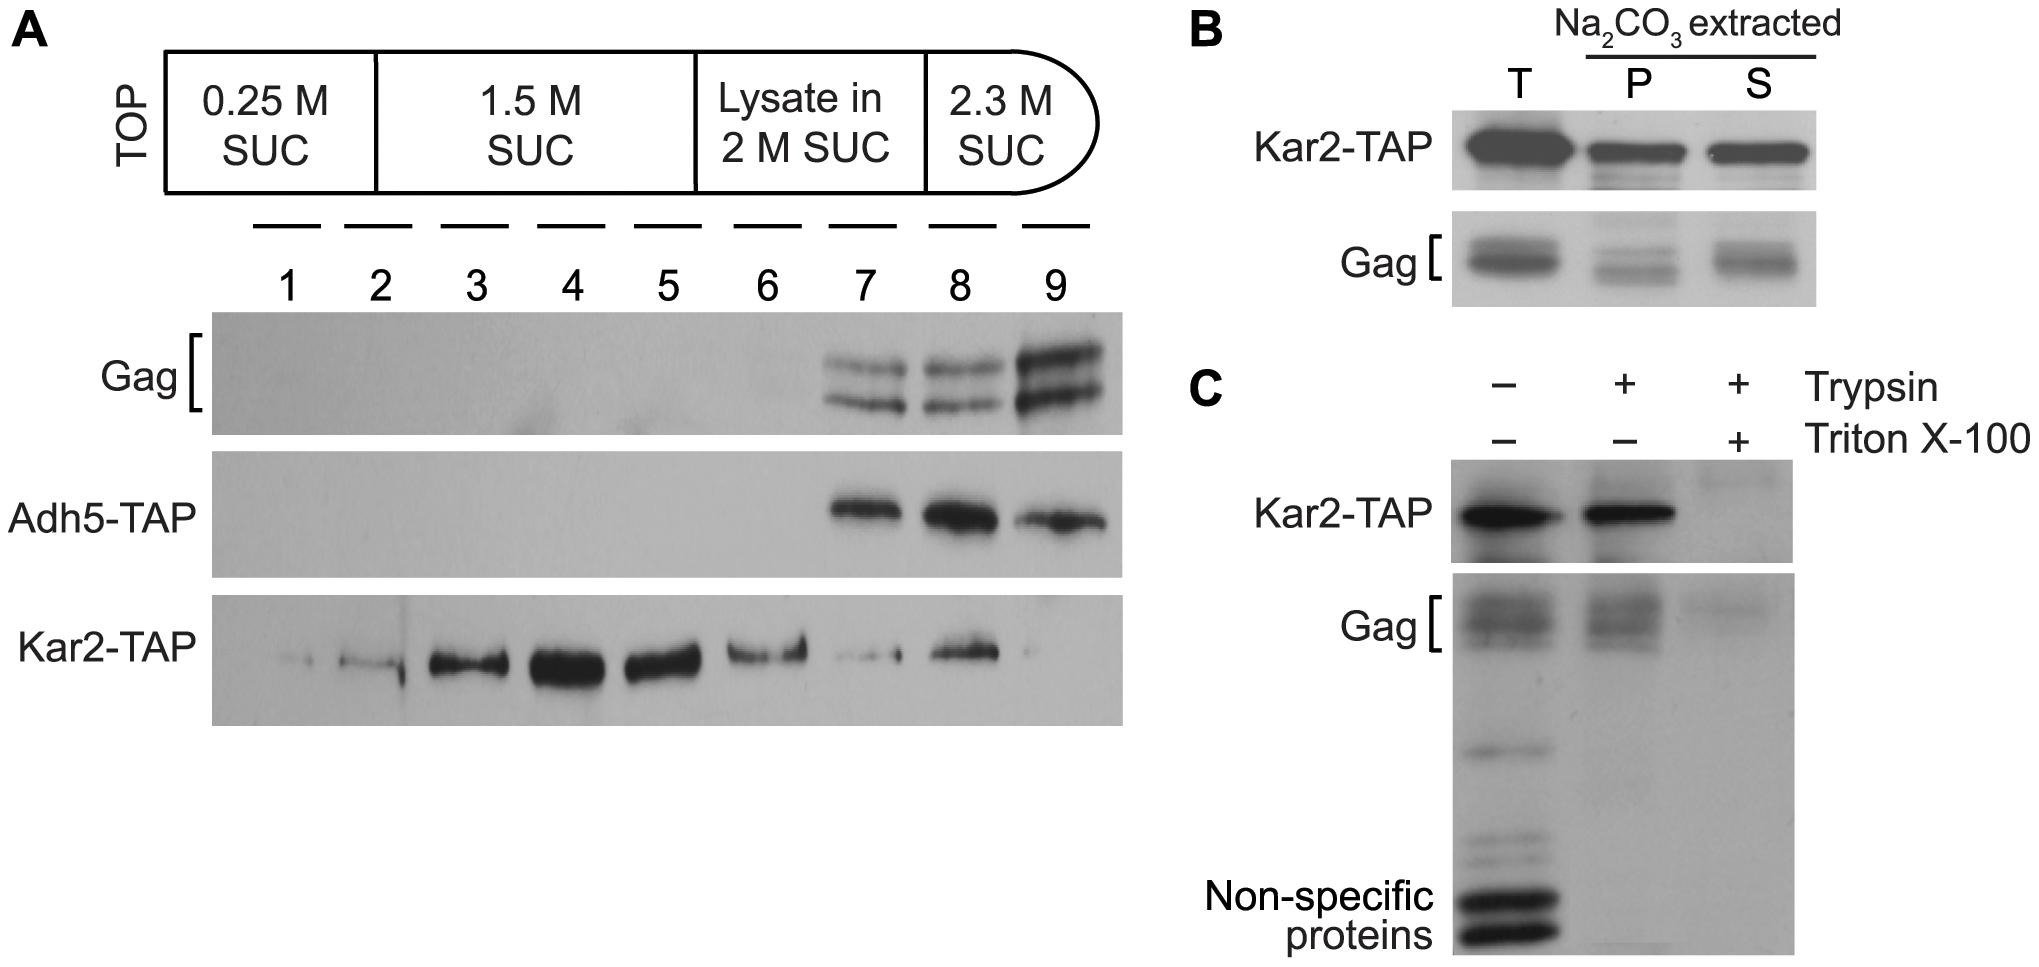 Ty1 Gag is present in the lumen fraction of ER microsomes.